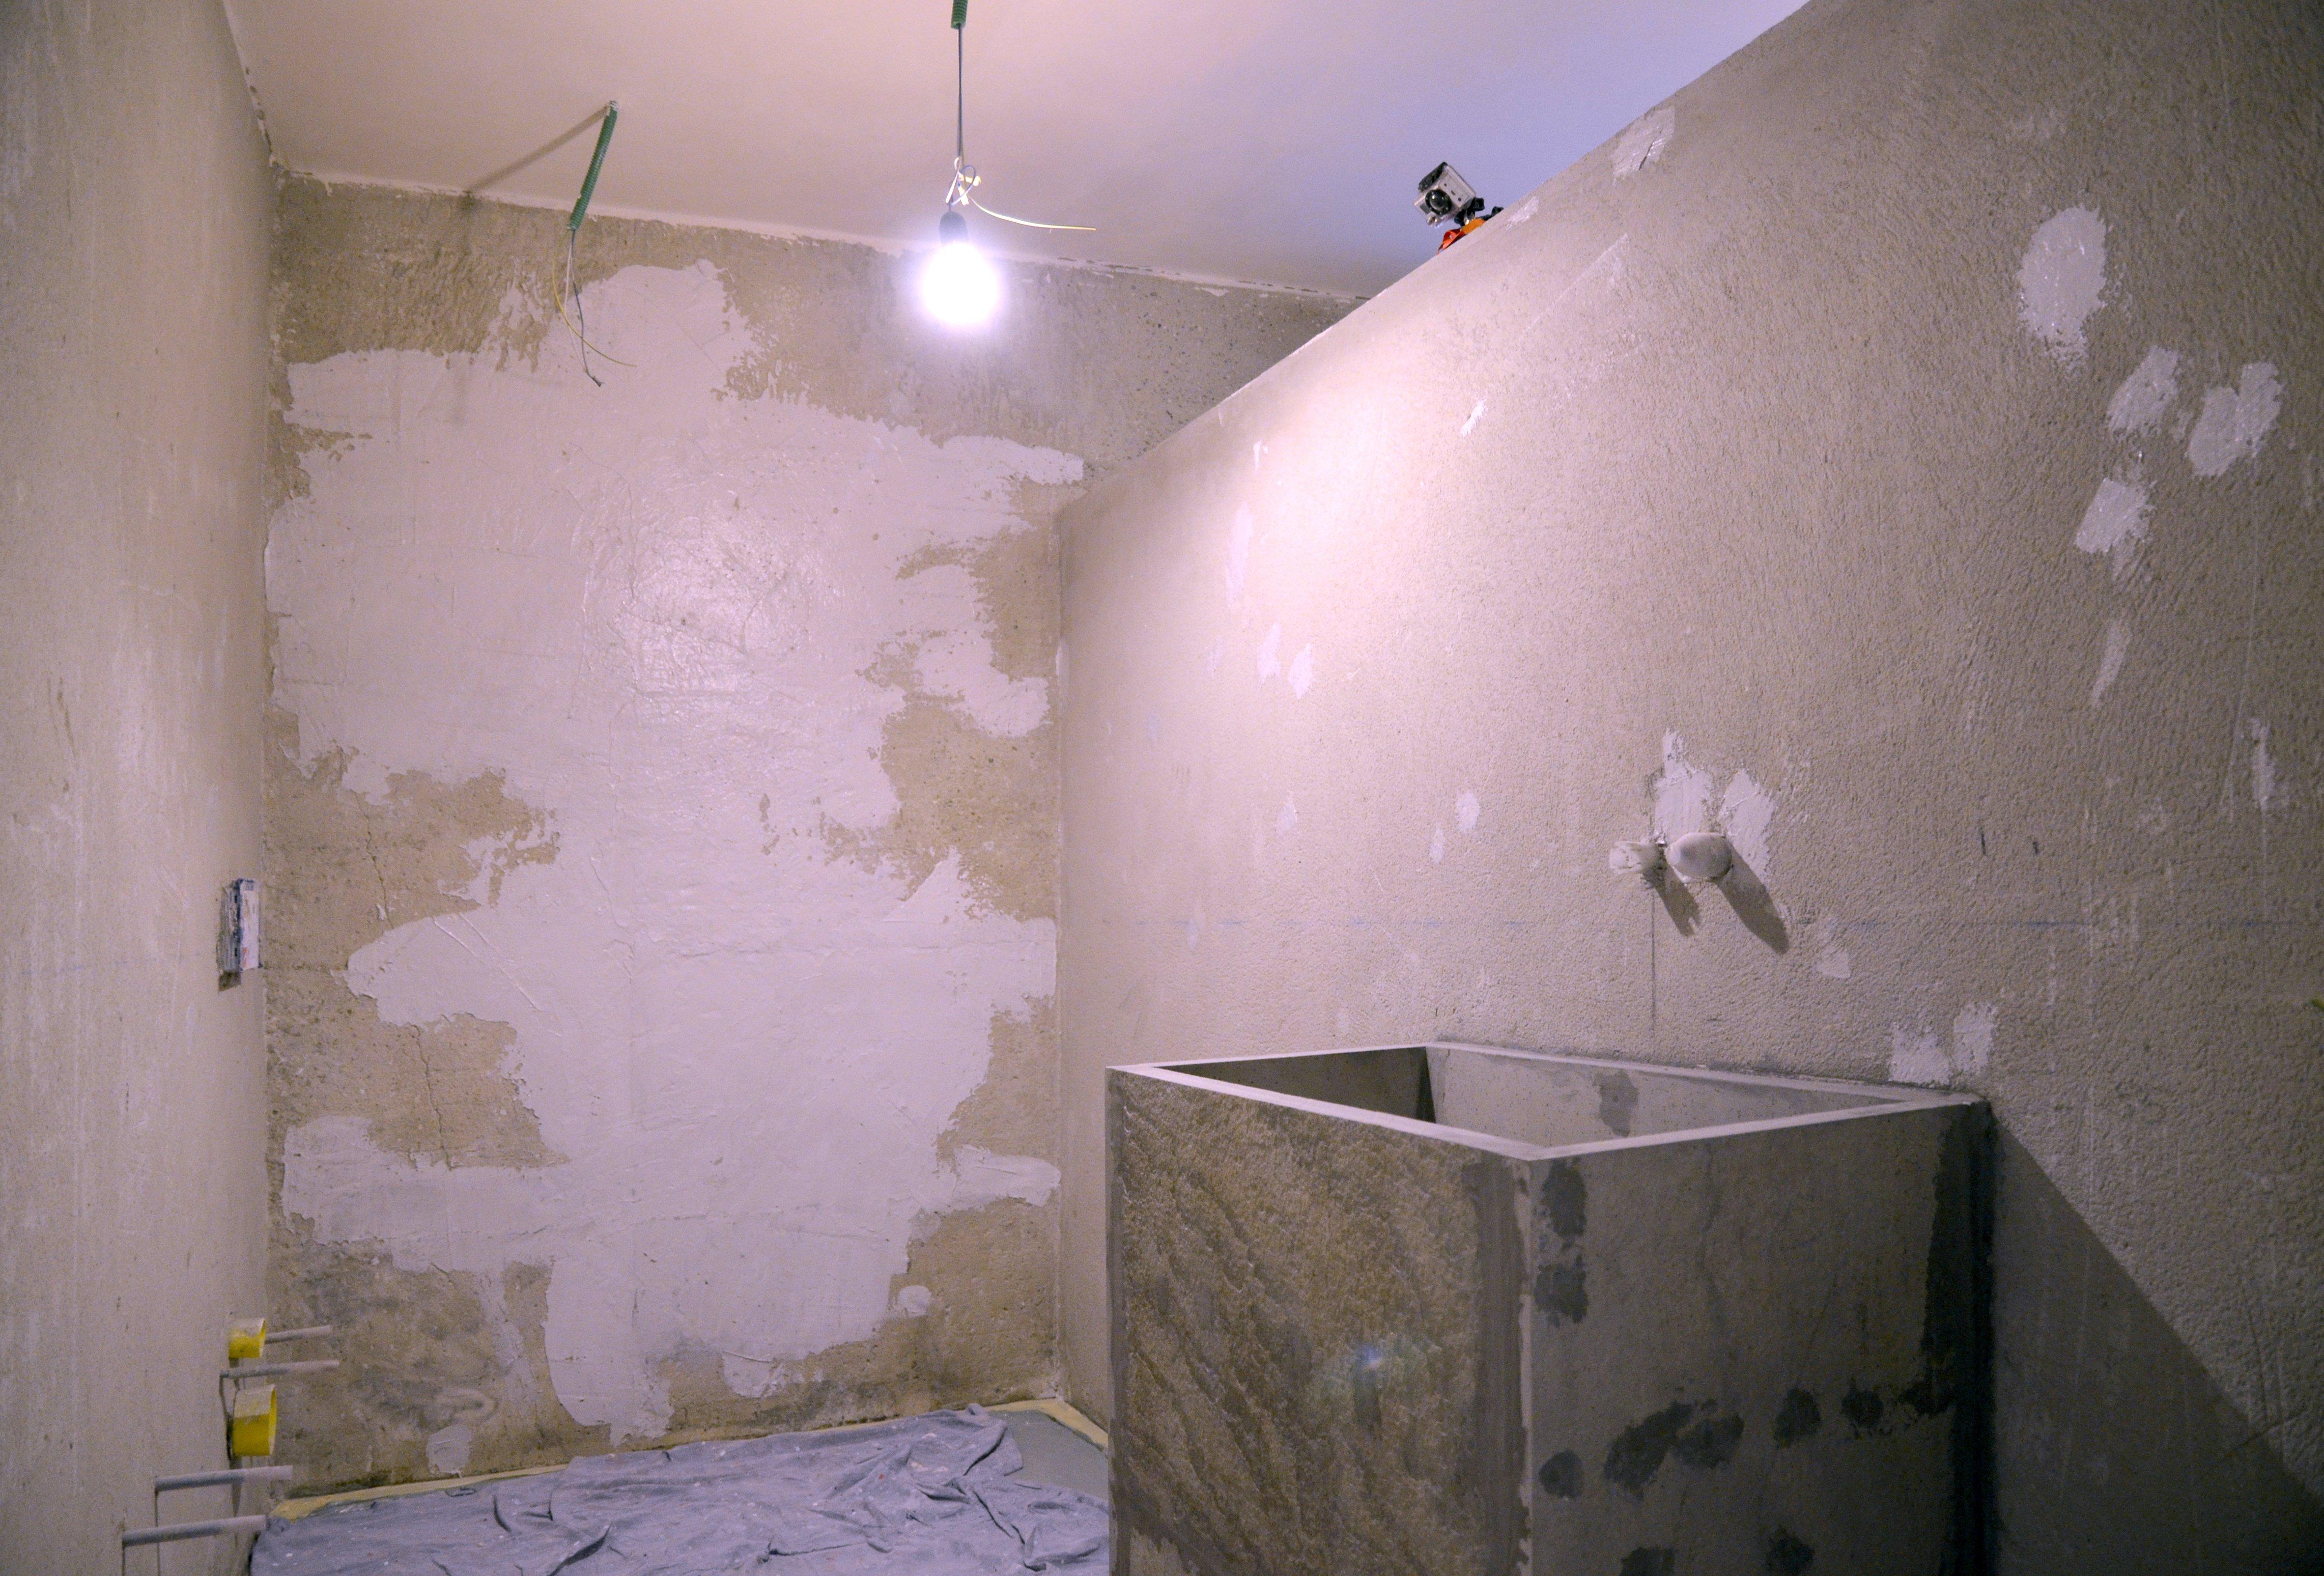 In bagno décor a parete senza le piastrelle e contenendo i costi